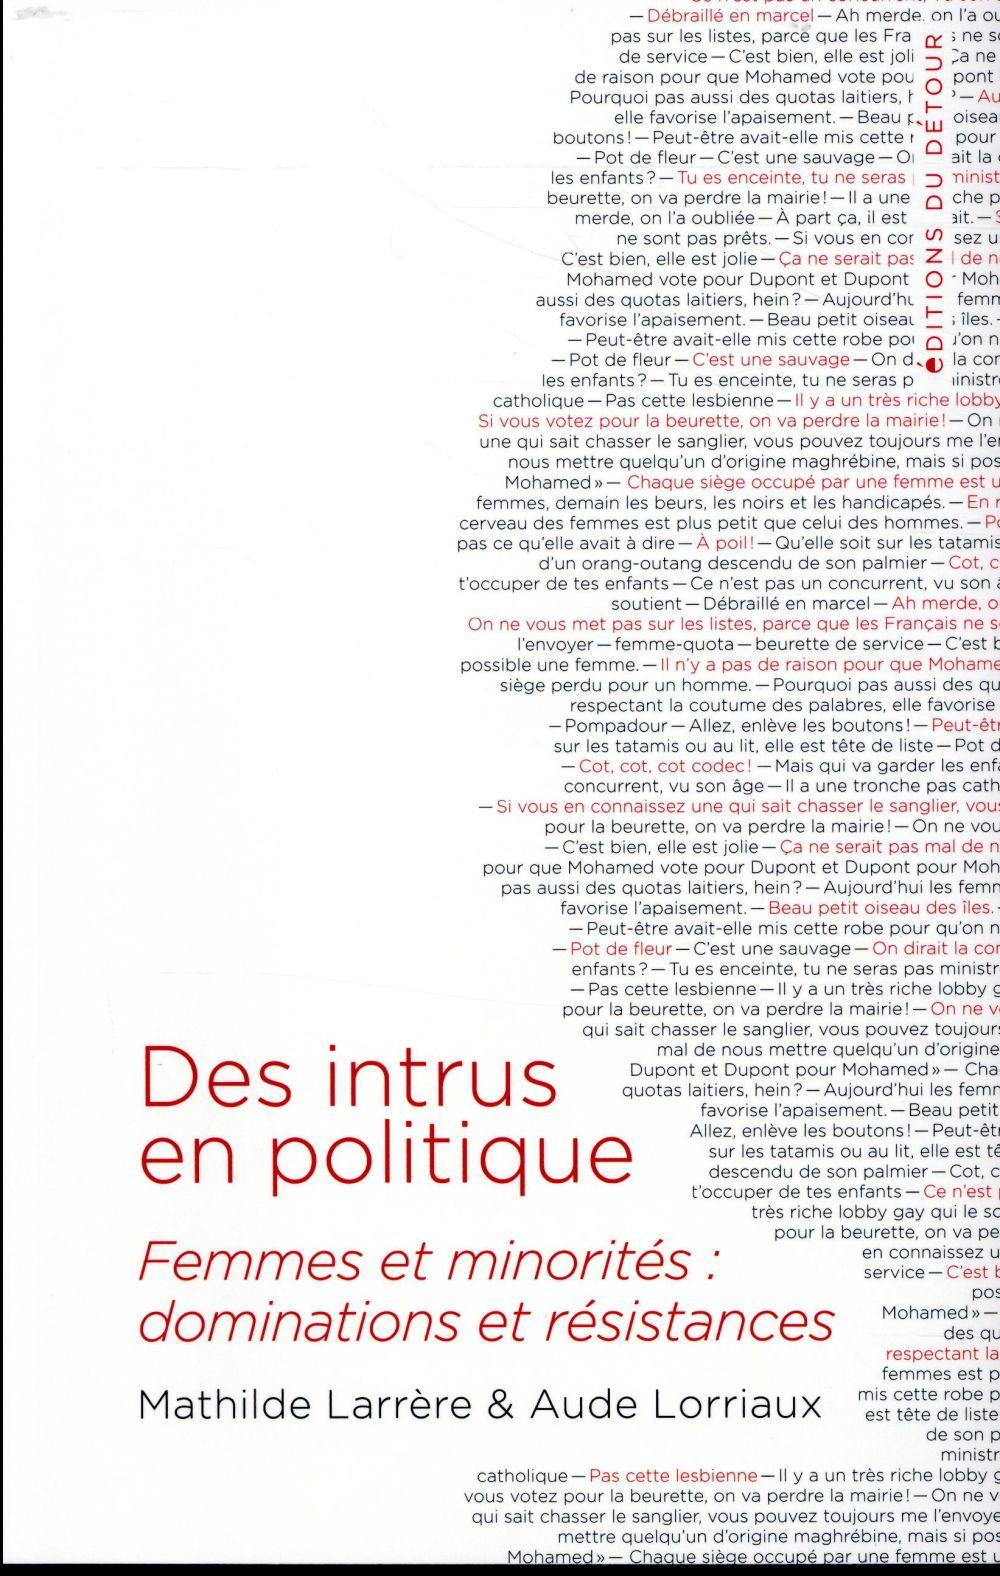 DES INTRUS EN POLITIQUE - FEMMES ET MINORITES : DOMINATIONS ET RESISTANCES